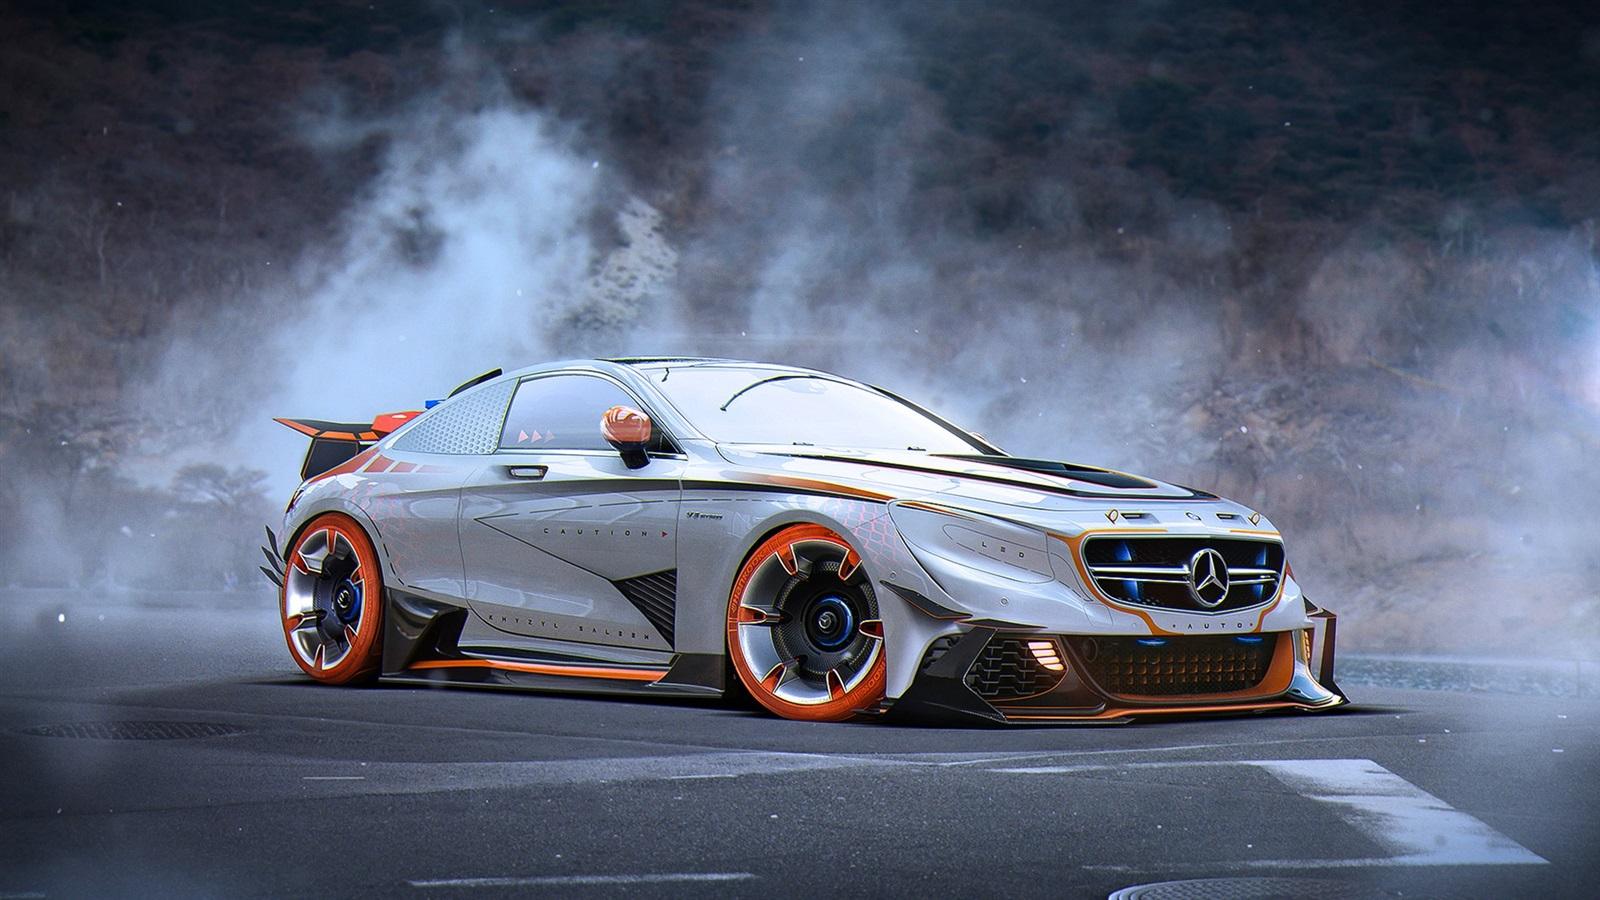 Mercedes S63 Amg Coupe >> Fonds d'écran Mercedes-Benz S63 AMG voiture argentée vue ...